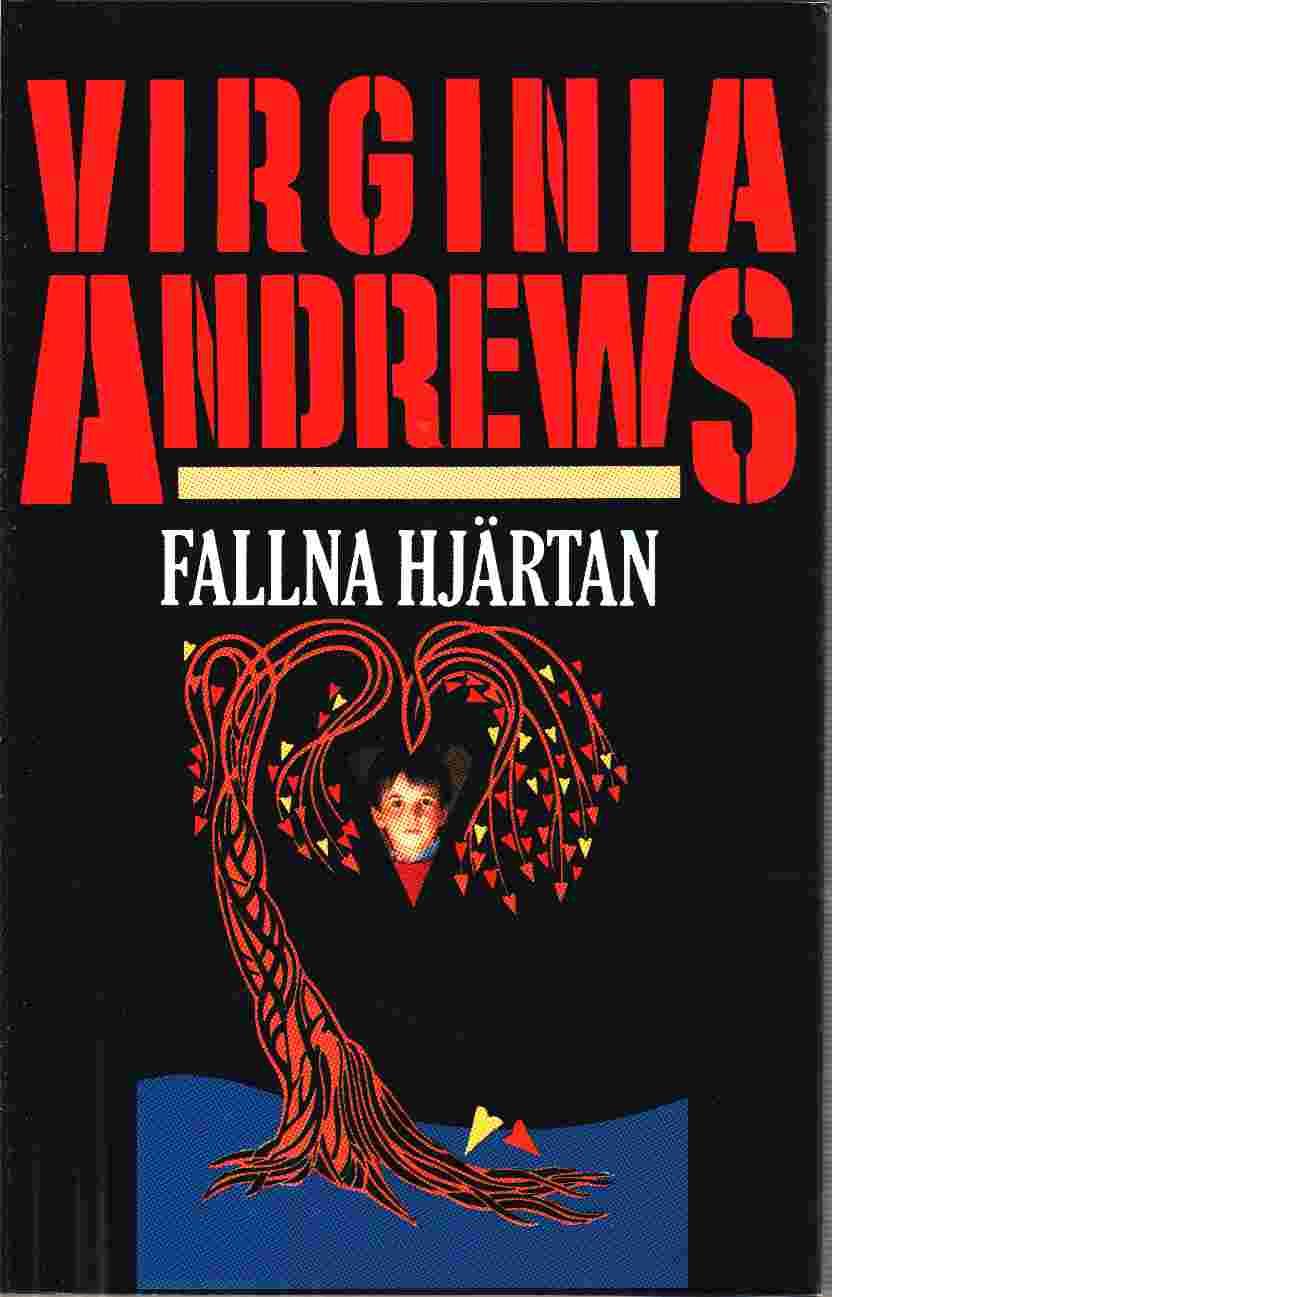 Fallna hjärtan - Andrews, Virginia C